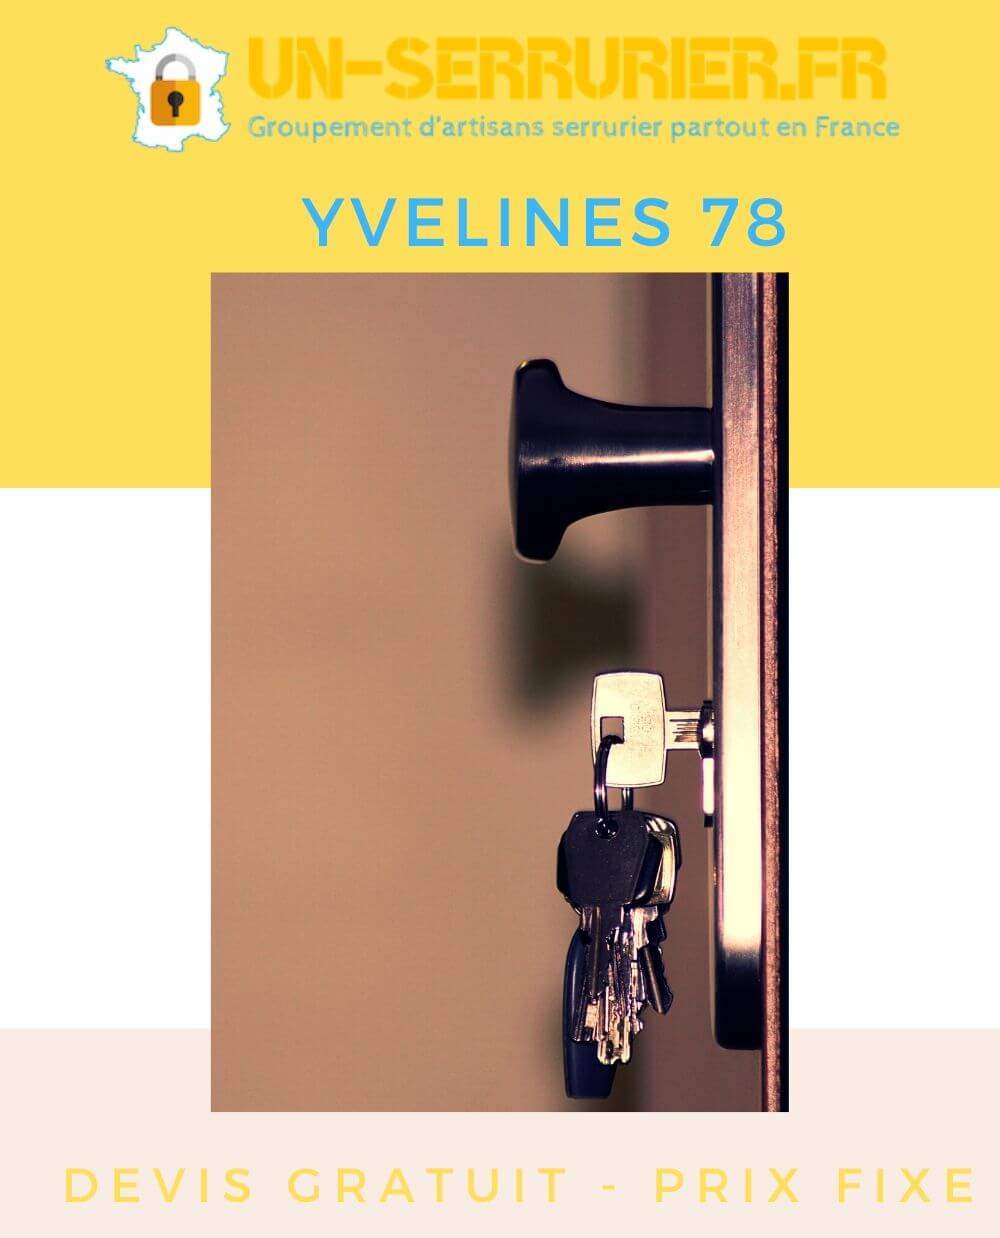 Serruriers Yvelines (78)